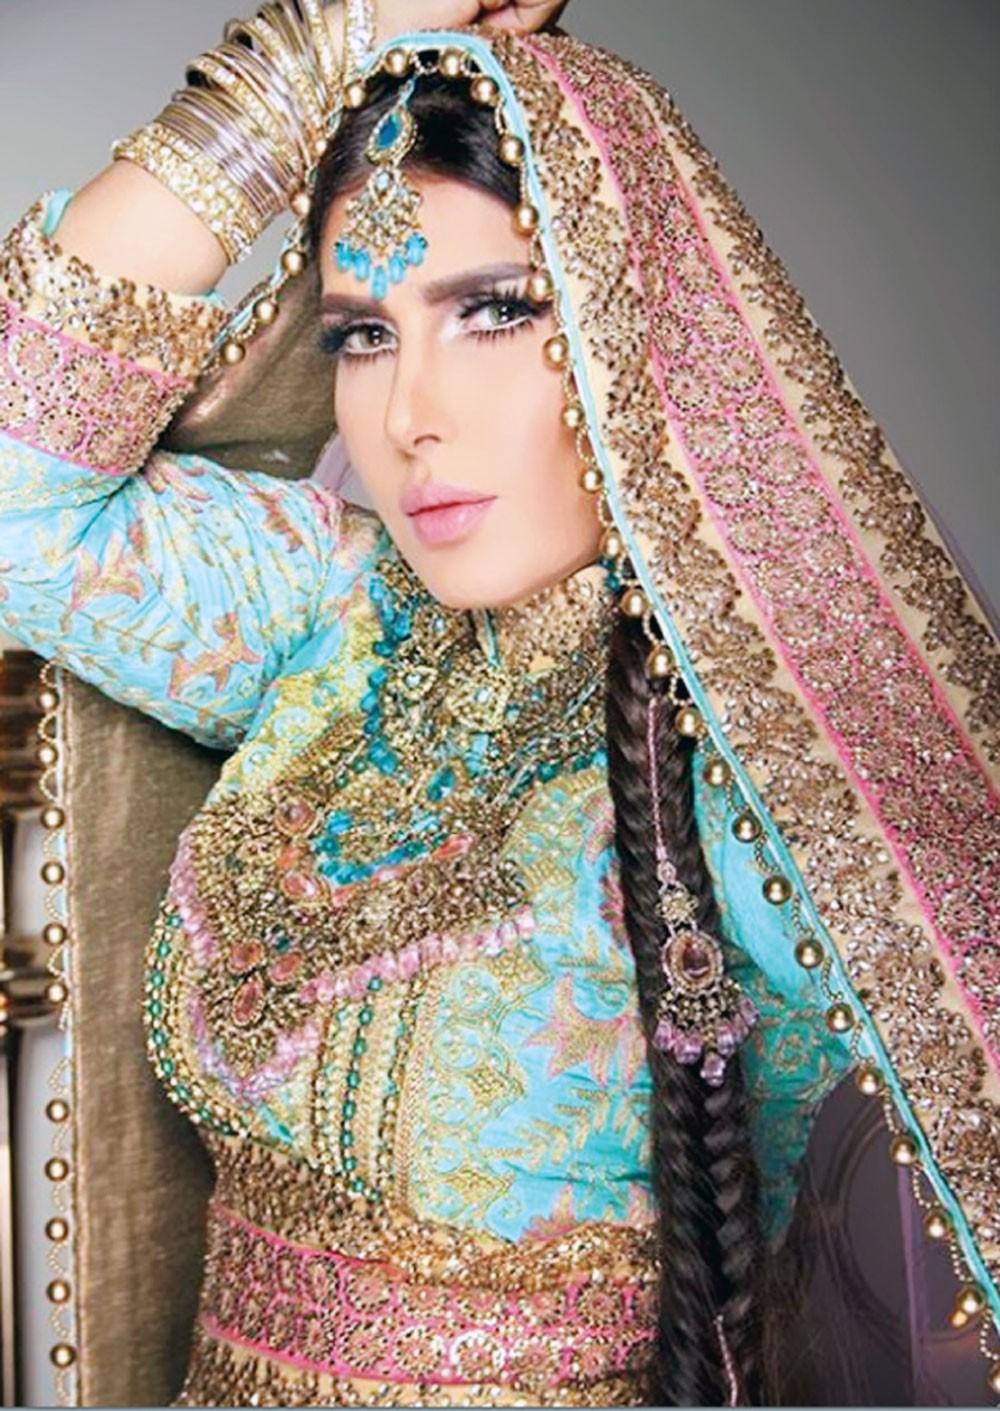 زهرة عرفات: ليس شرطًا ظهوري في دراما رمضان